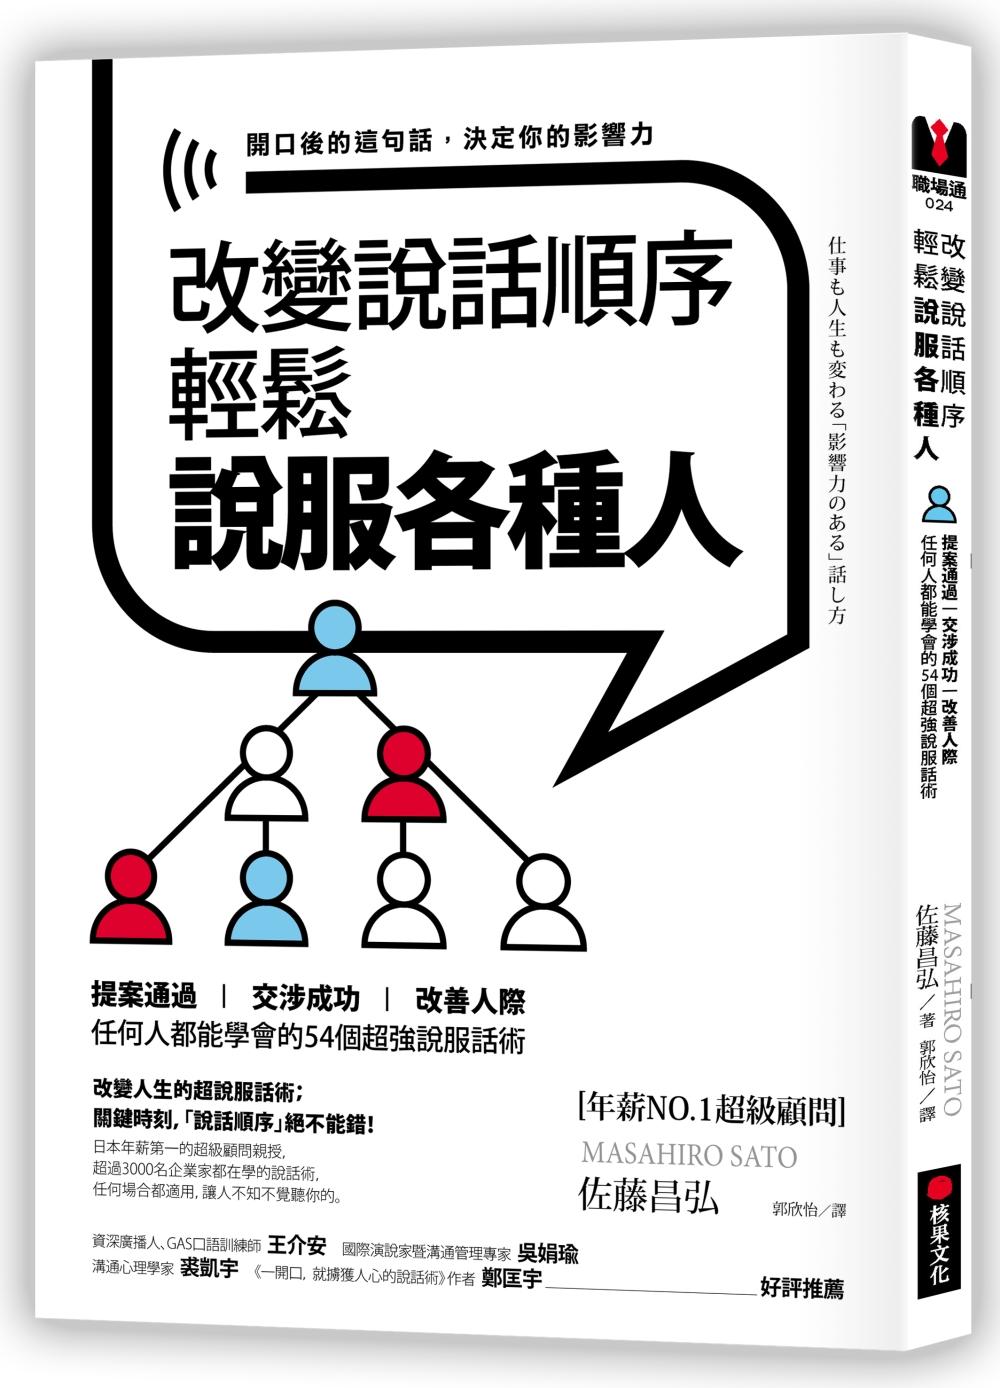 改變說話順序,輕鬆說服各種人:提案通過‧交涉成功‧改善人際,任何人都能學會的54個超強說服話術